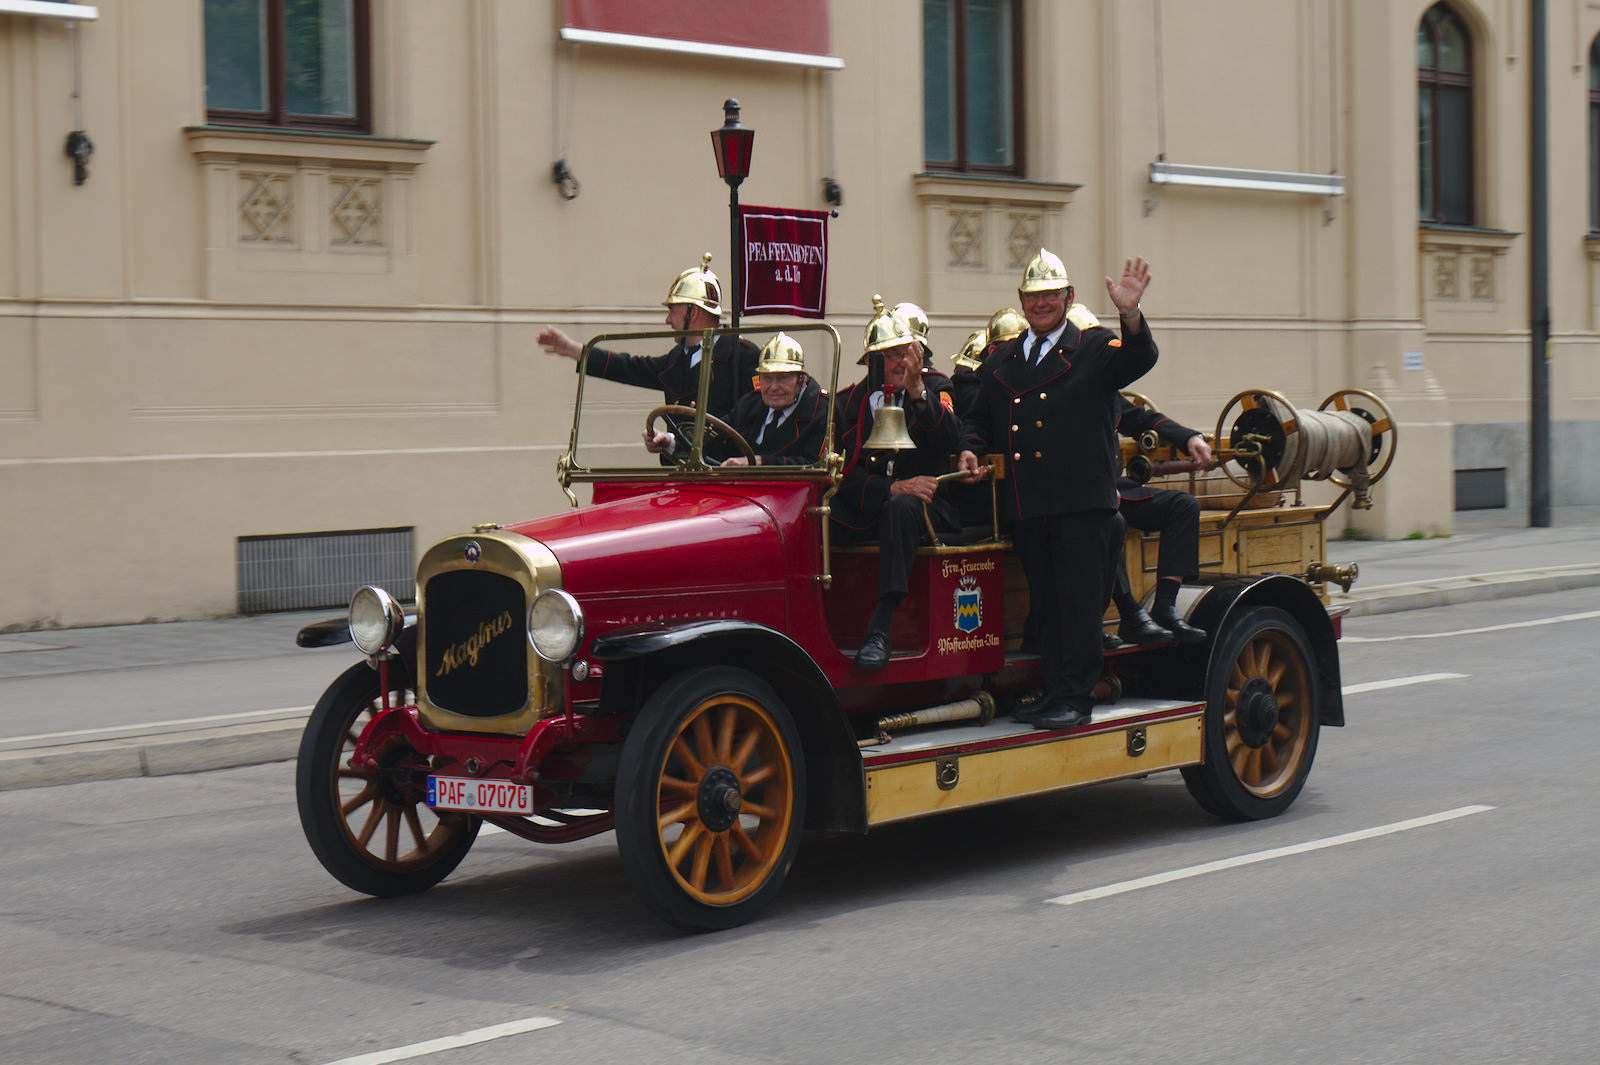 volunteer fire department 150 Years Volunteer Fire Department in Munich